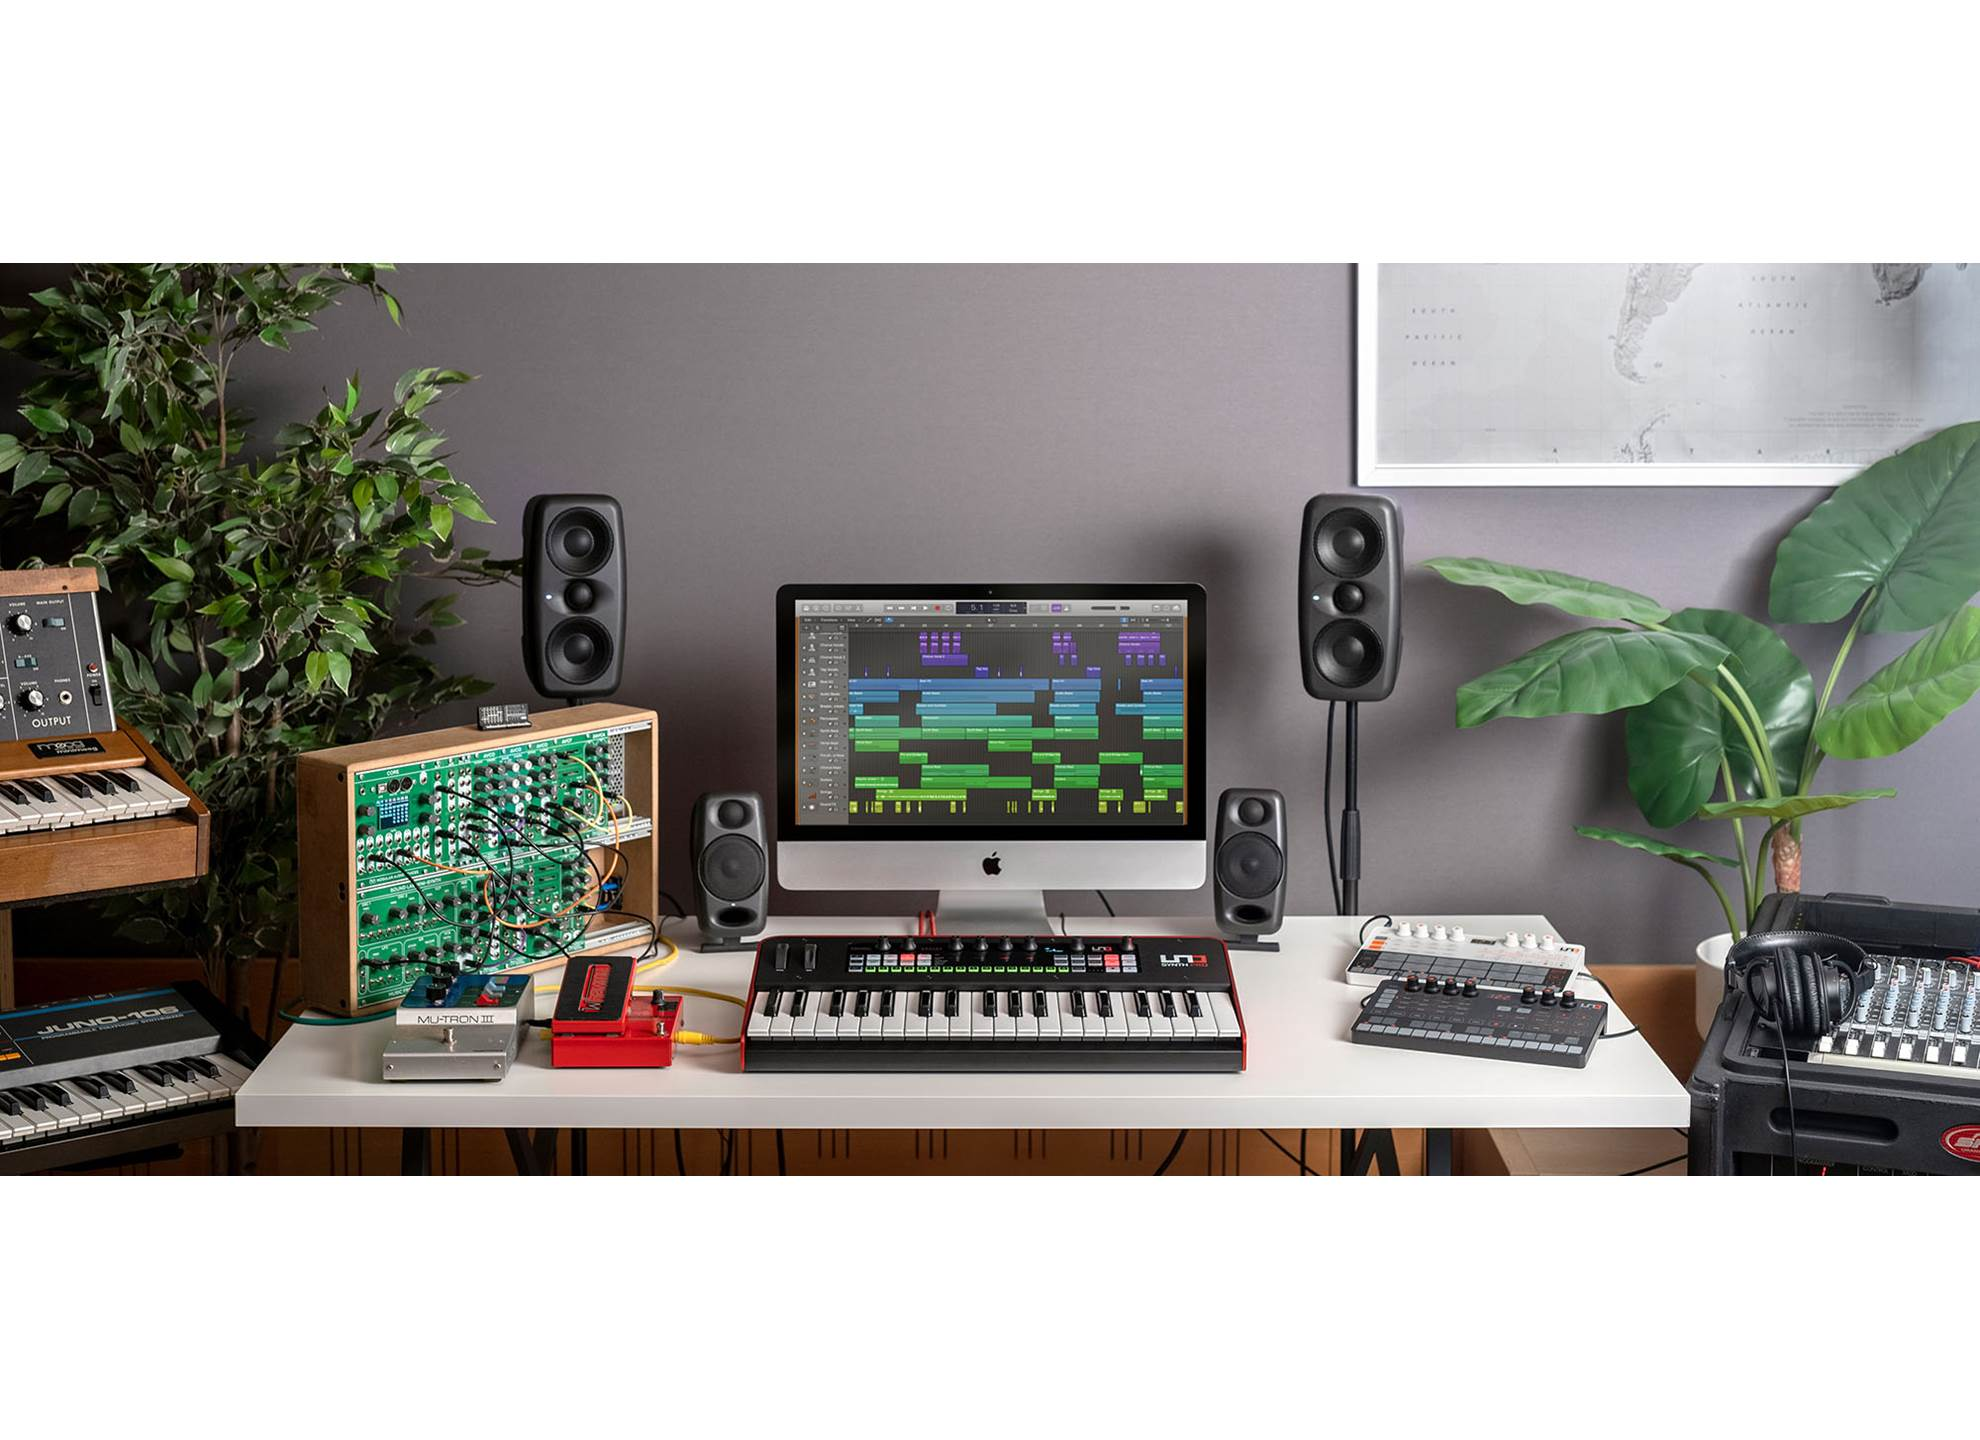 UNO Synth Pro Desktop